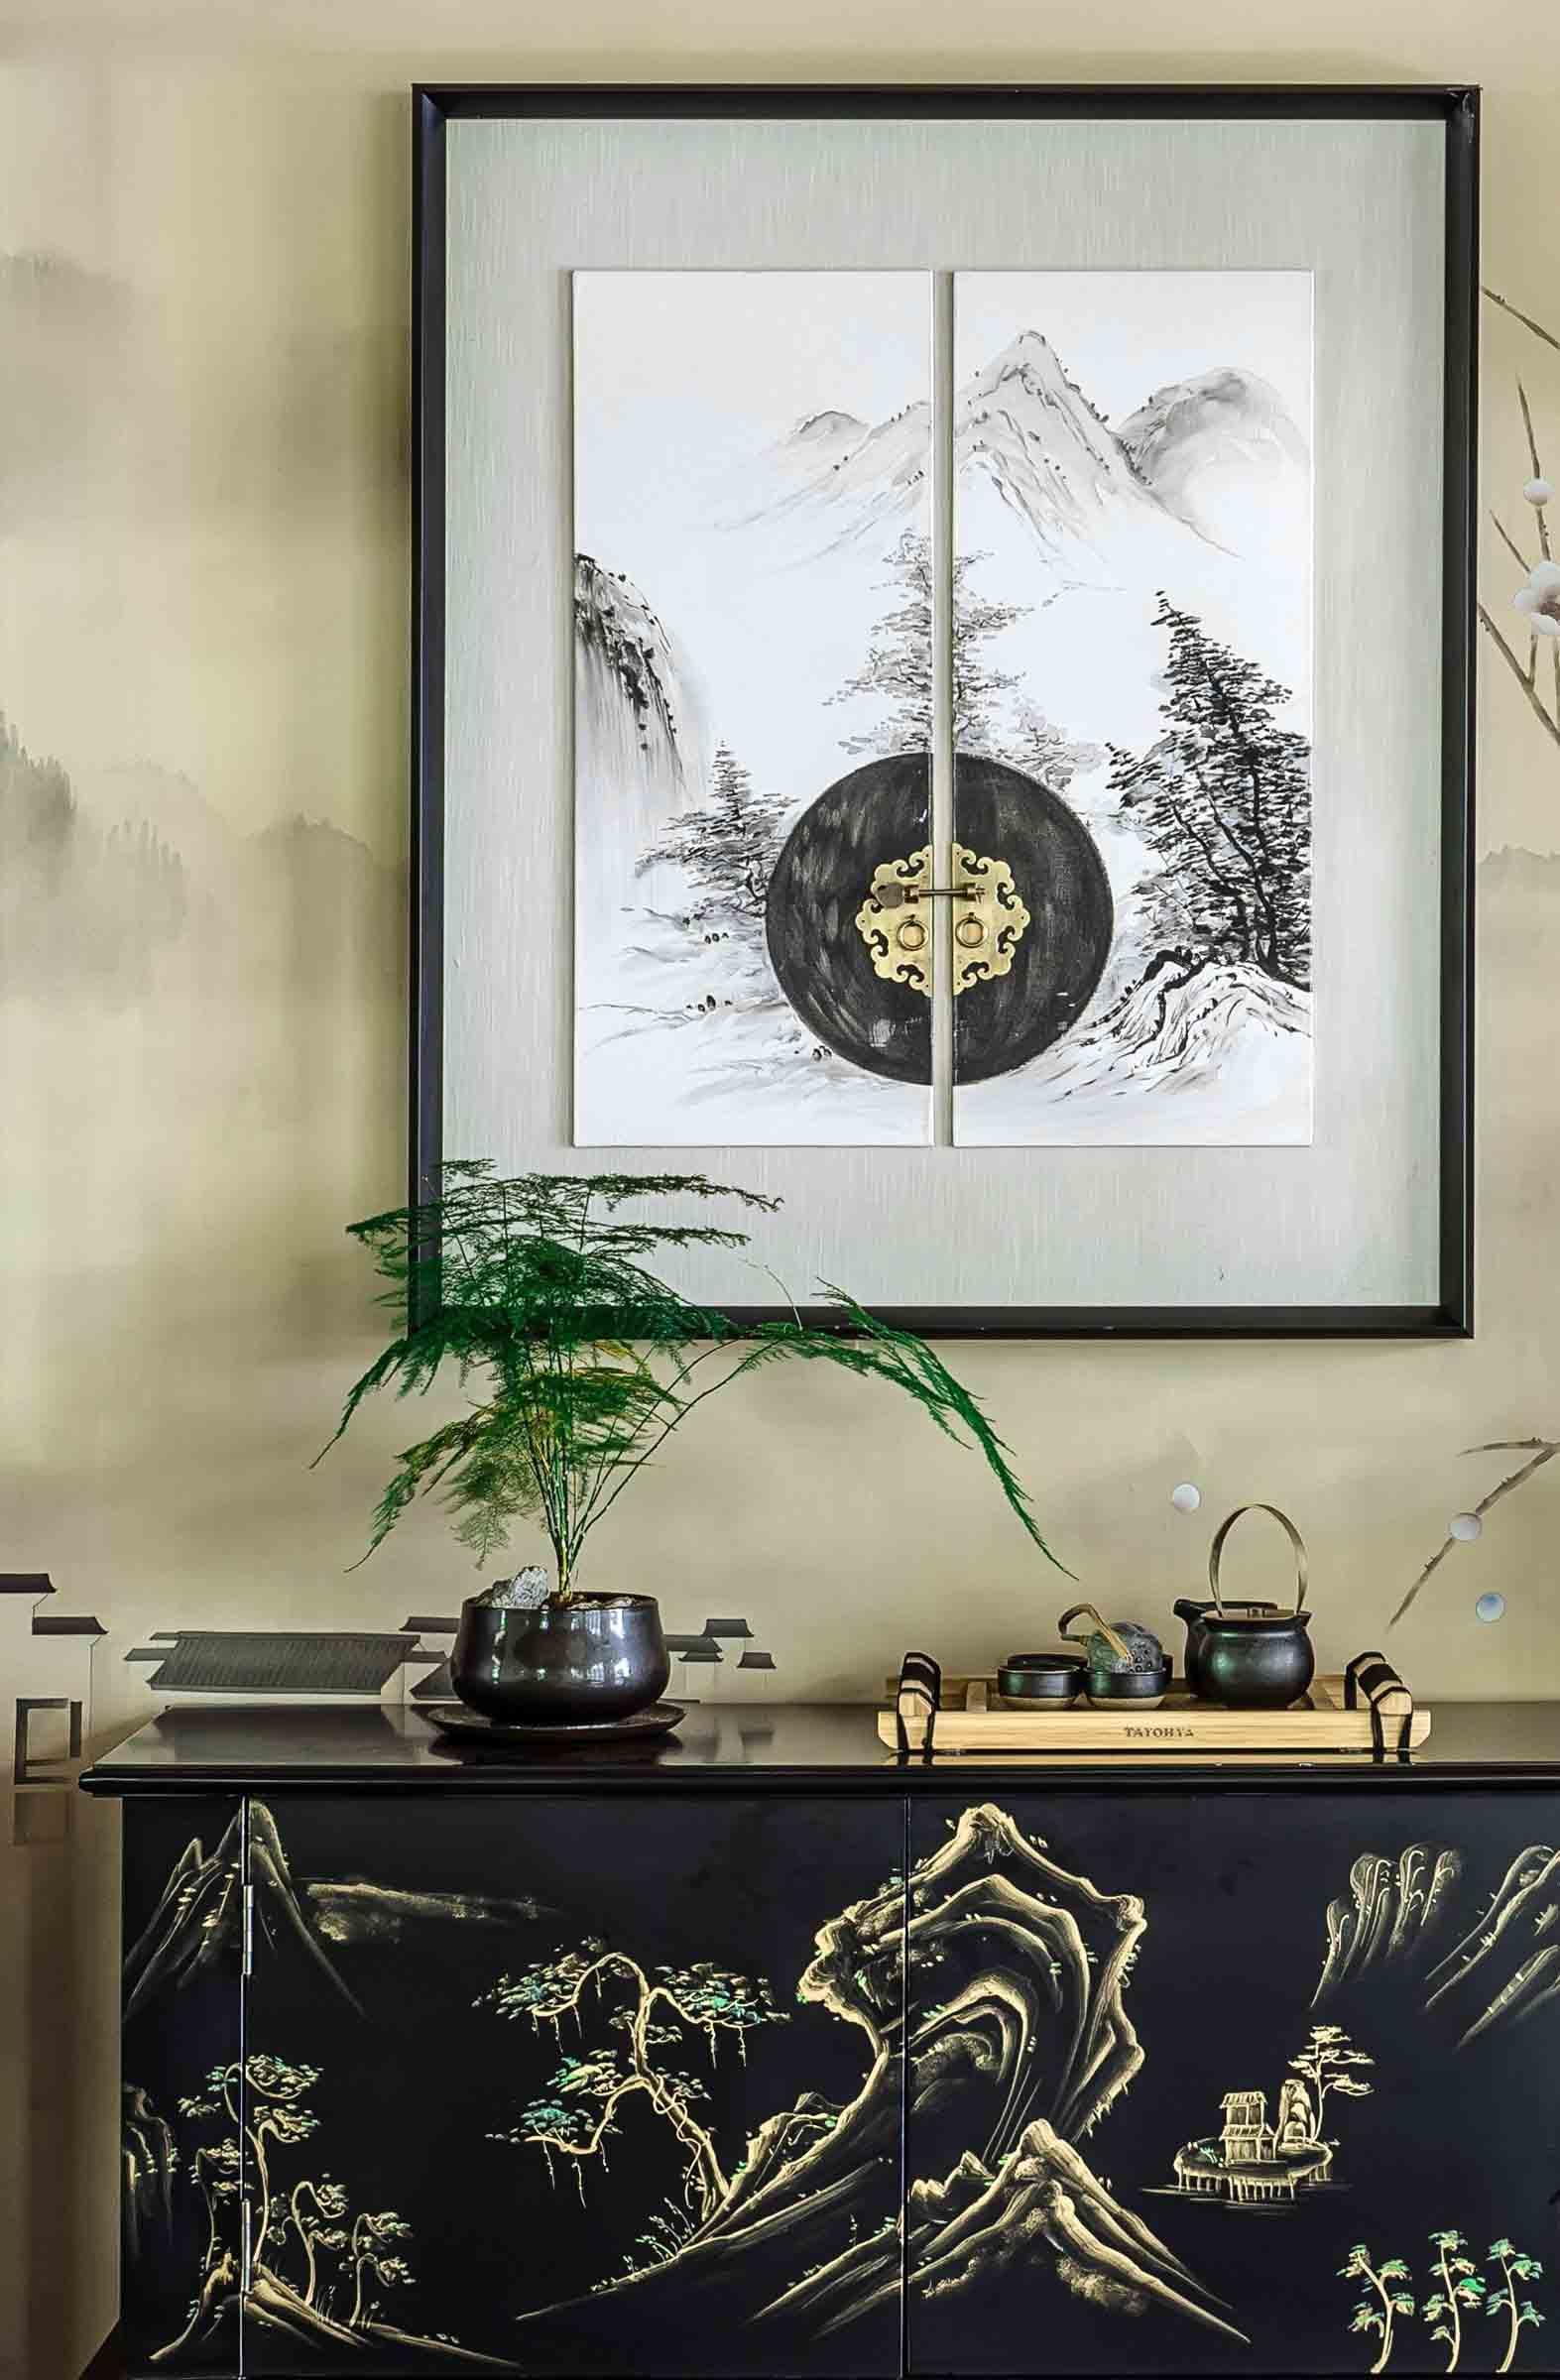 Interior design scheme by Tsingda Environment Art (Shenzhen) Design Consultants Co. for Shenzhen Nord Club